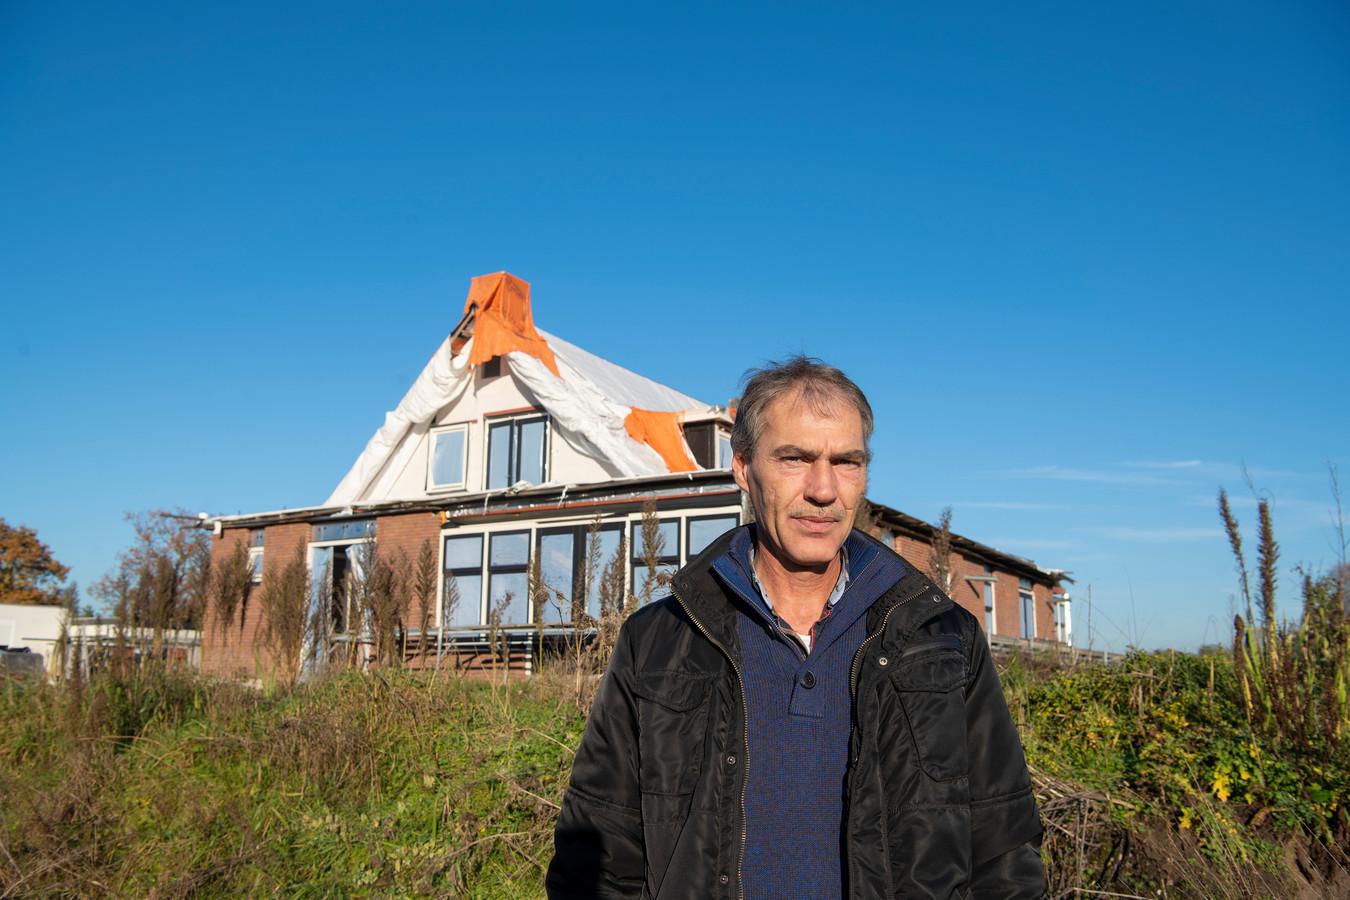 Gerrit van den Brink bij zijn bijna afgebouwde huis aan de Oudedijk, waarvan de gemeente wil dat het wordt gesloopt.